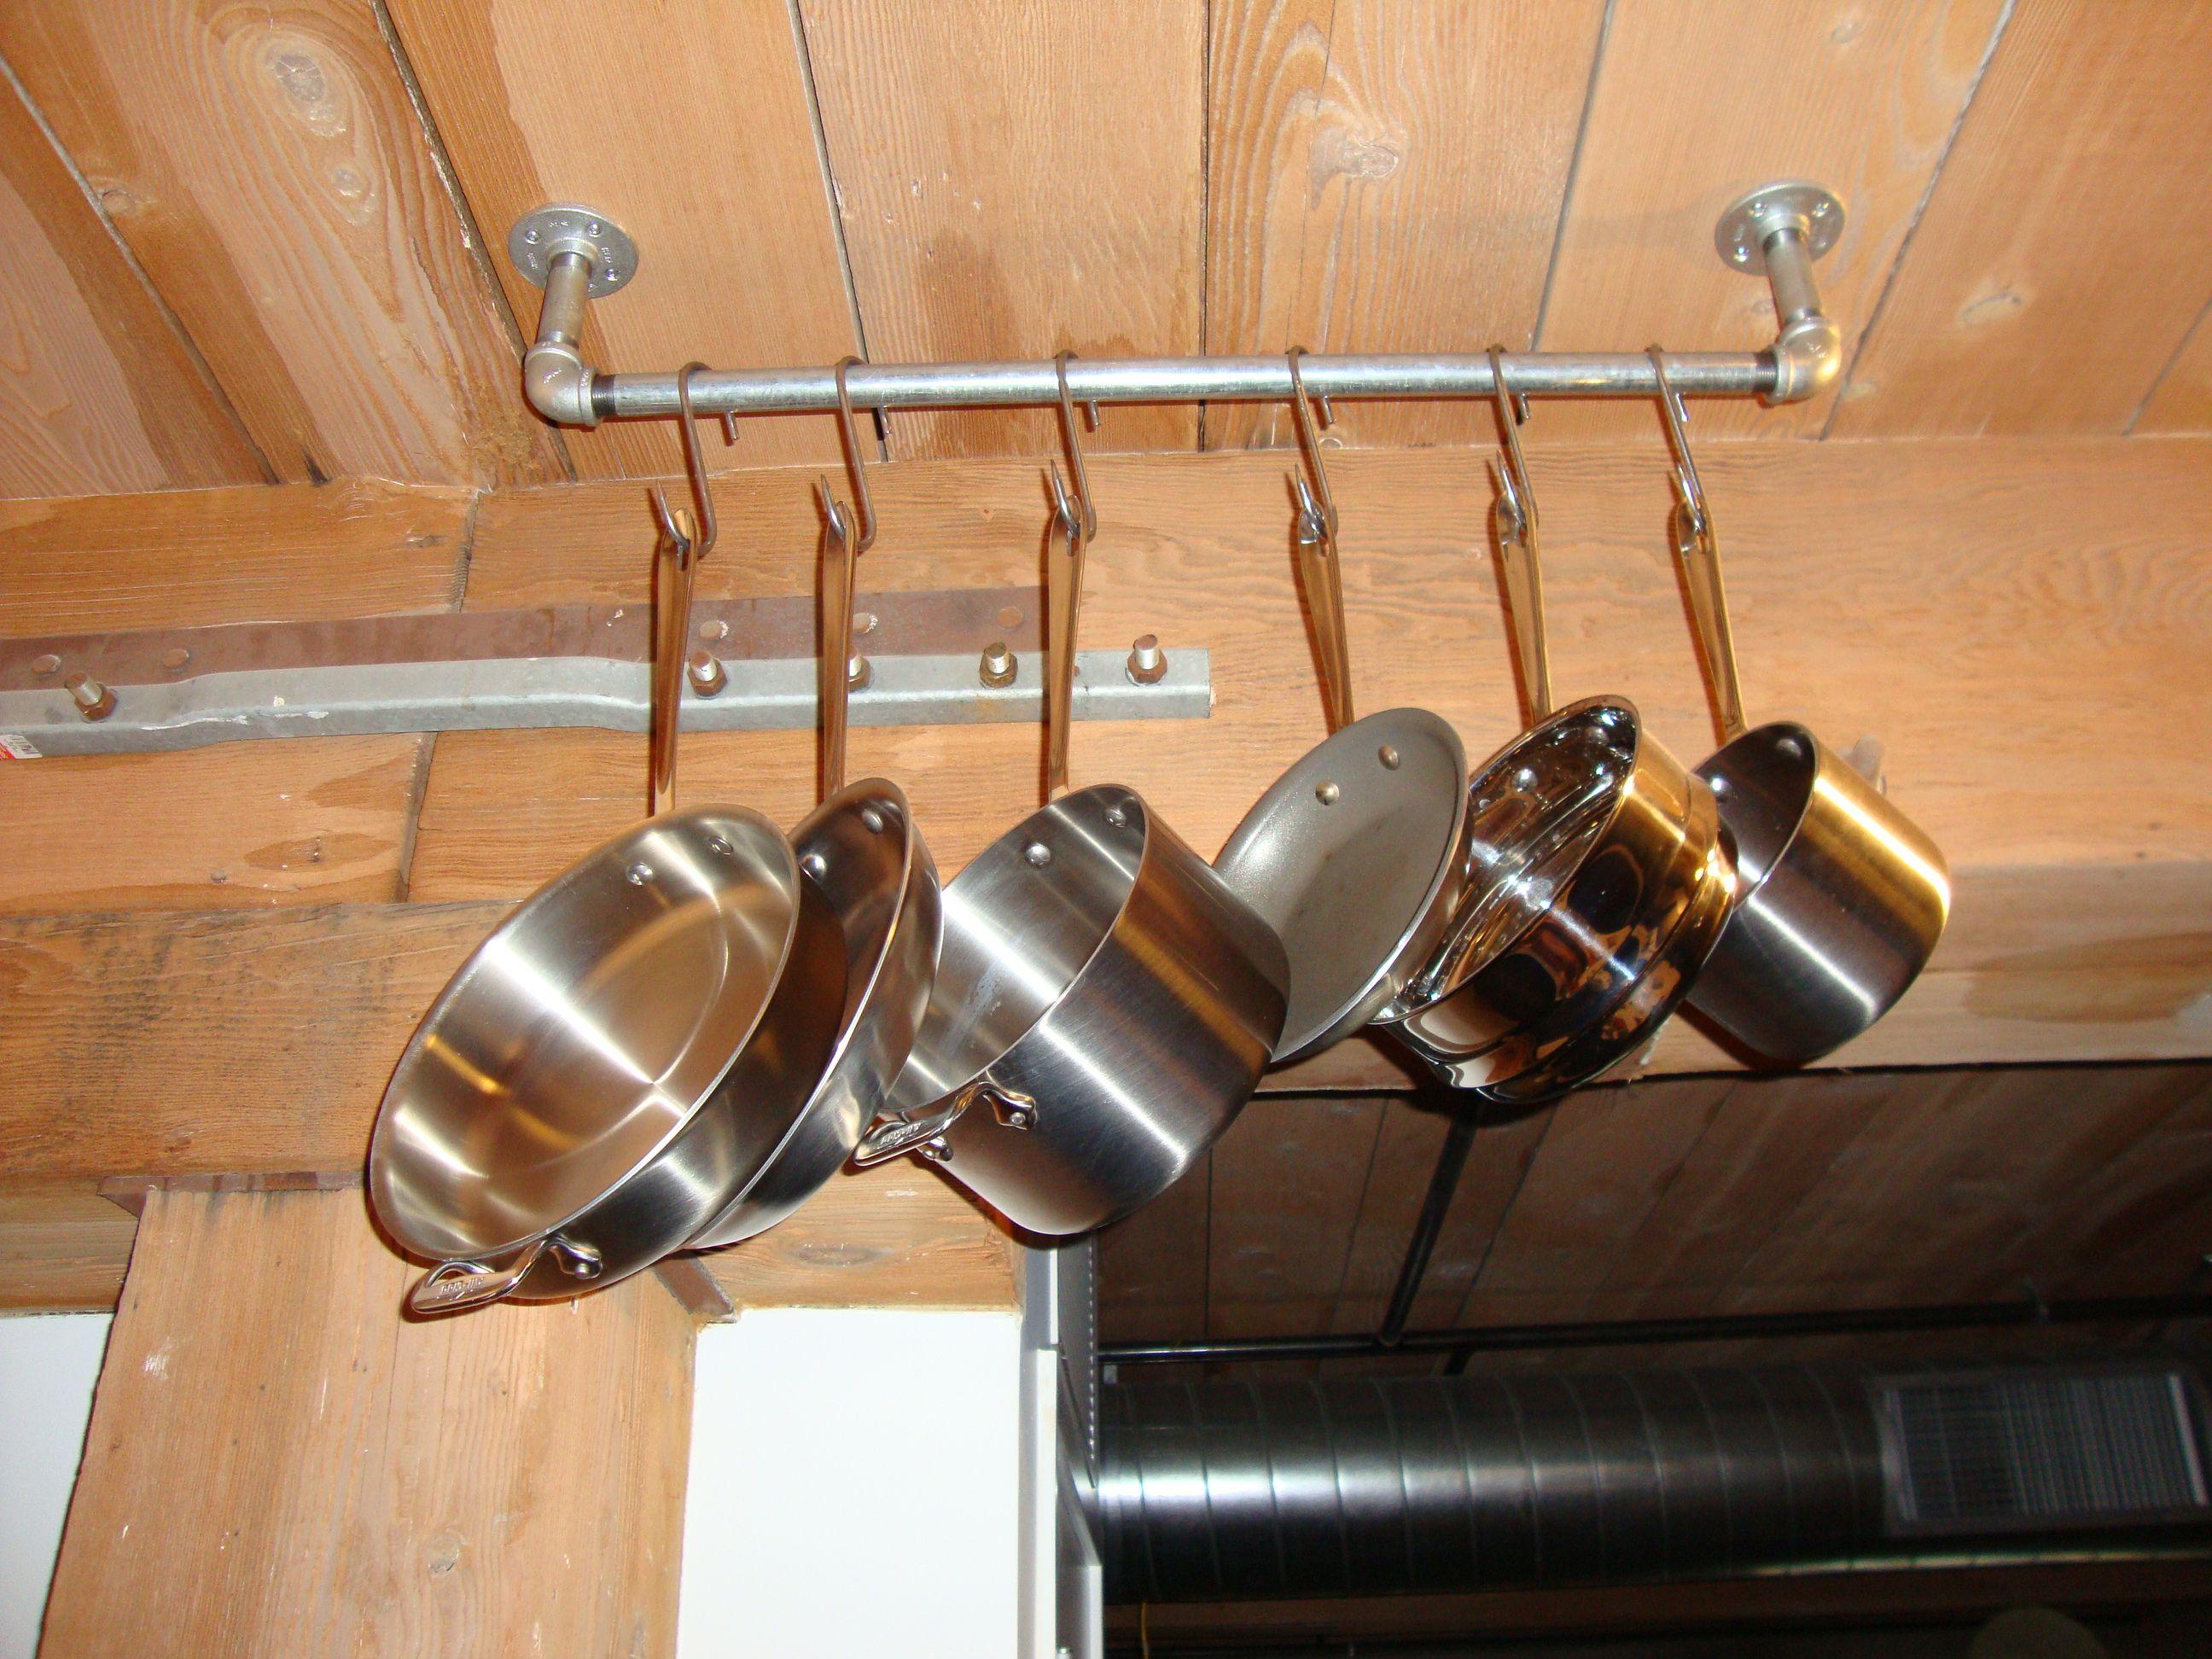 Homemade Pot Rack